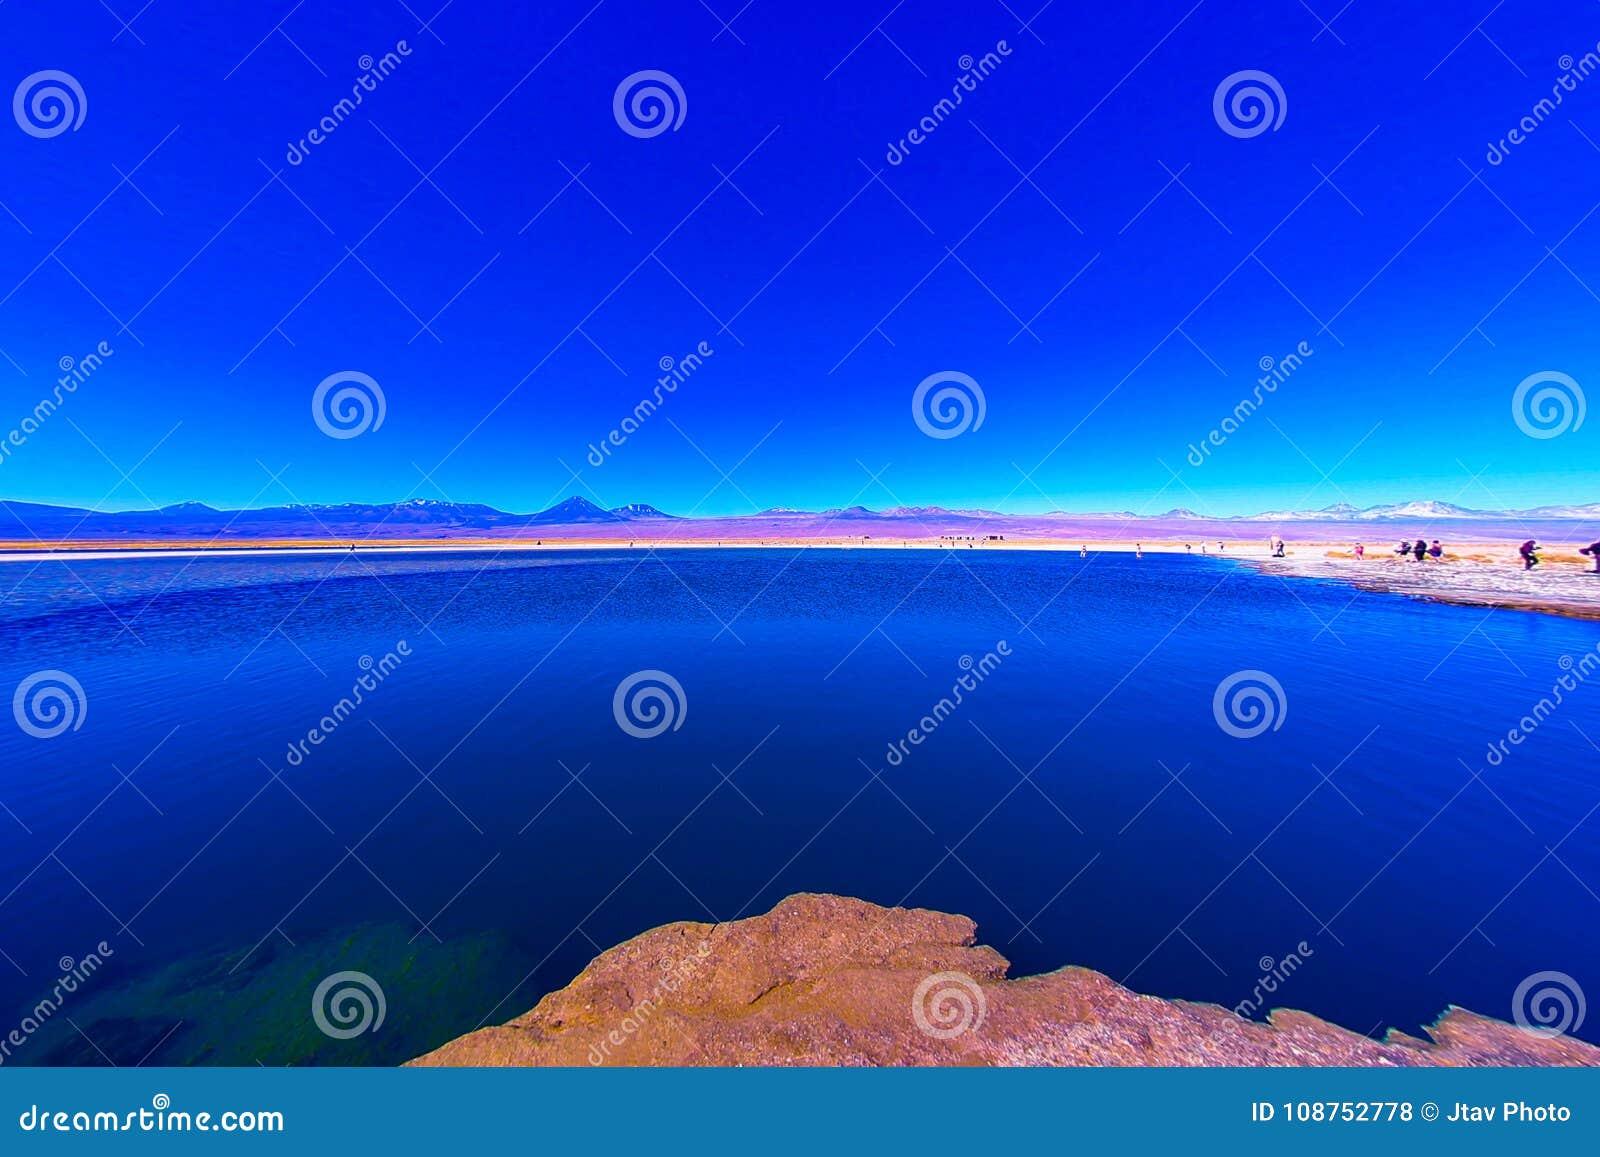 Cejar-Lagune Laguna Cejar Cejar See